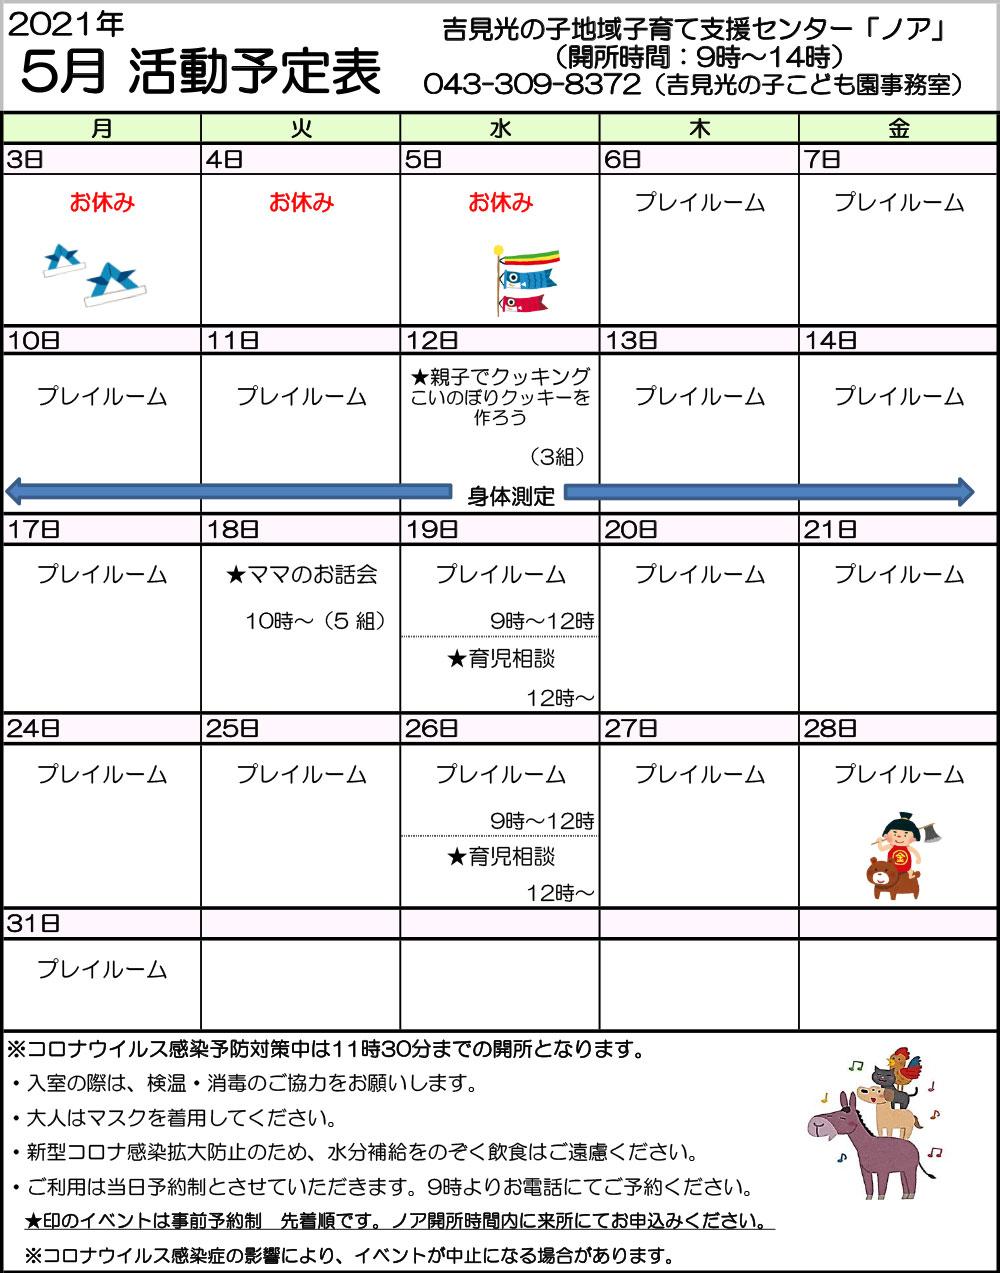 2021.5月ノア活動予定表